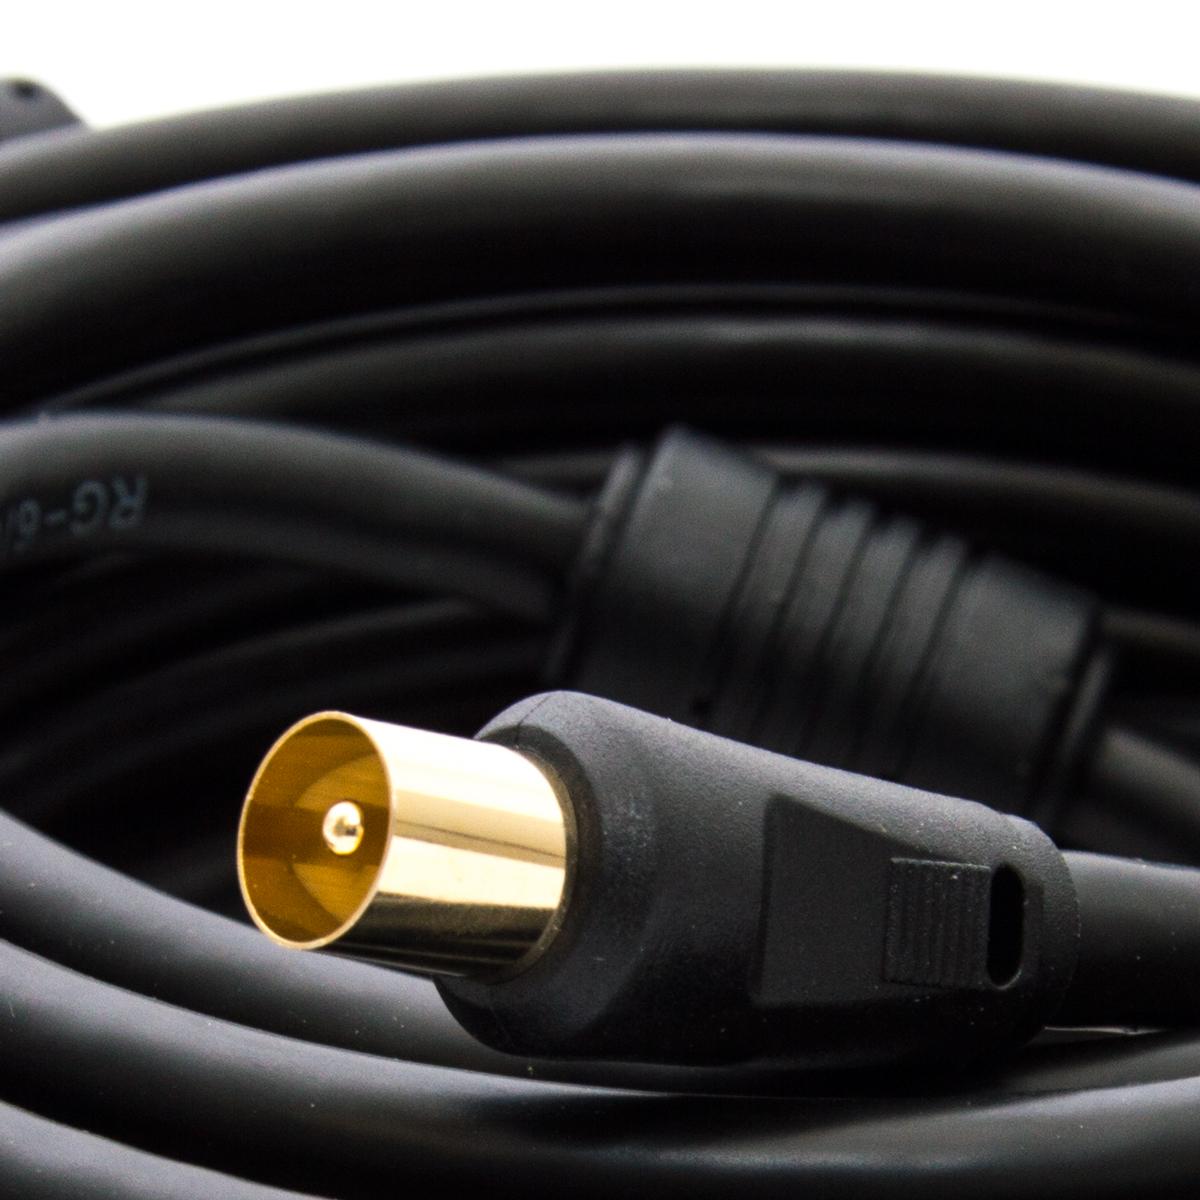 1,5m PremiumX HDTV TV Antennenkabel Koax Stecker auf Buchse vergoldet 75 Ohm Koaxialkabel für Kabelanschluss DVB-T DVB-T2 mit Mantelstromfilter - 2x Ferritkern - Schwarz